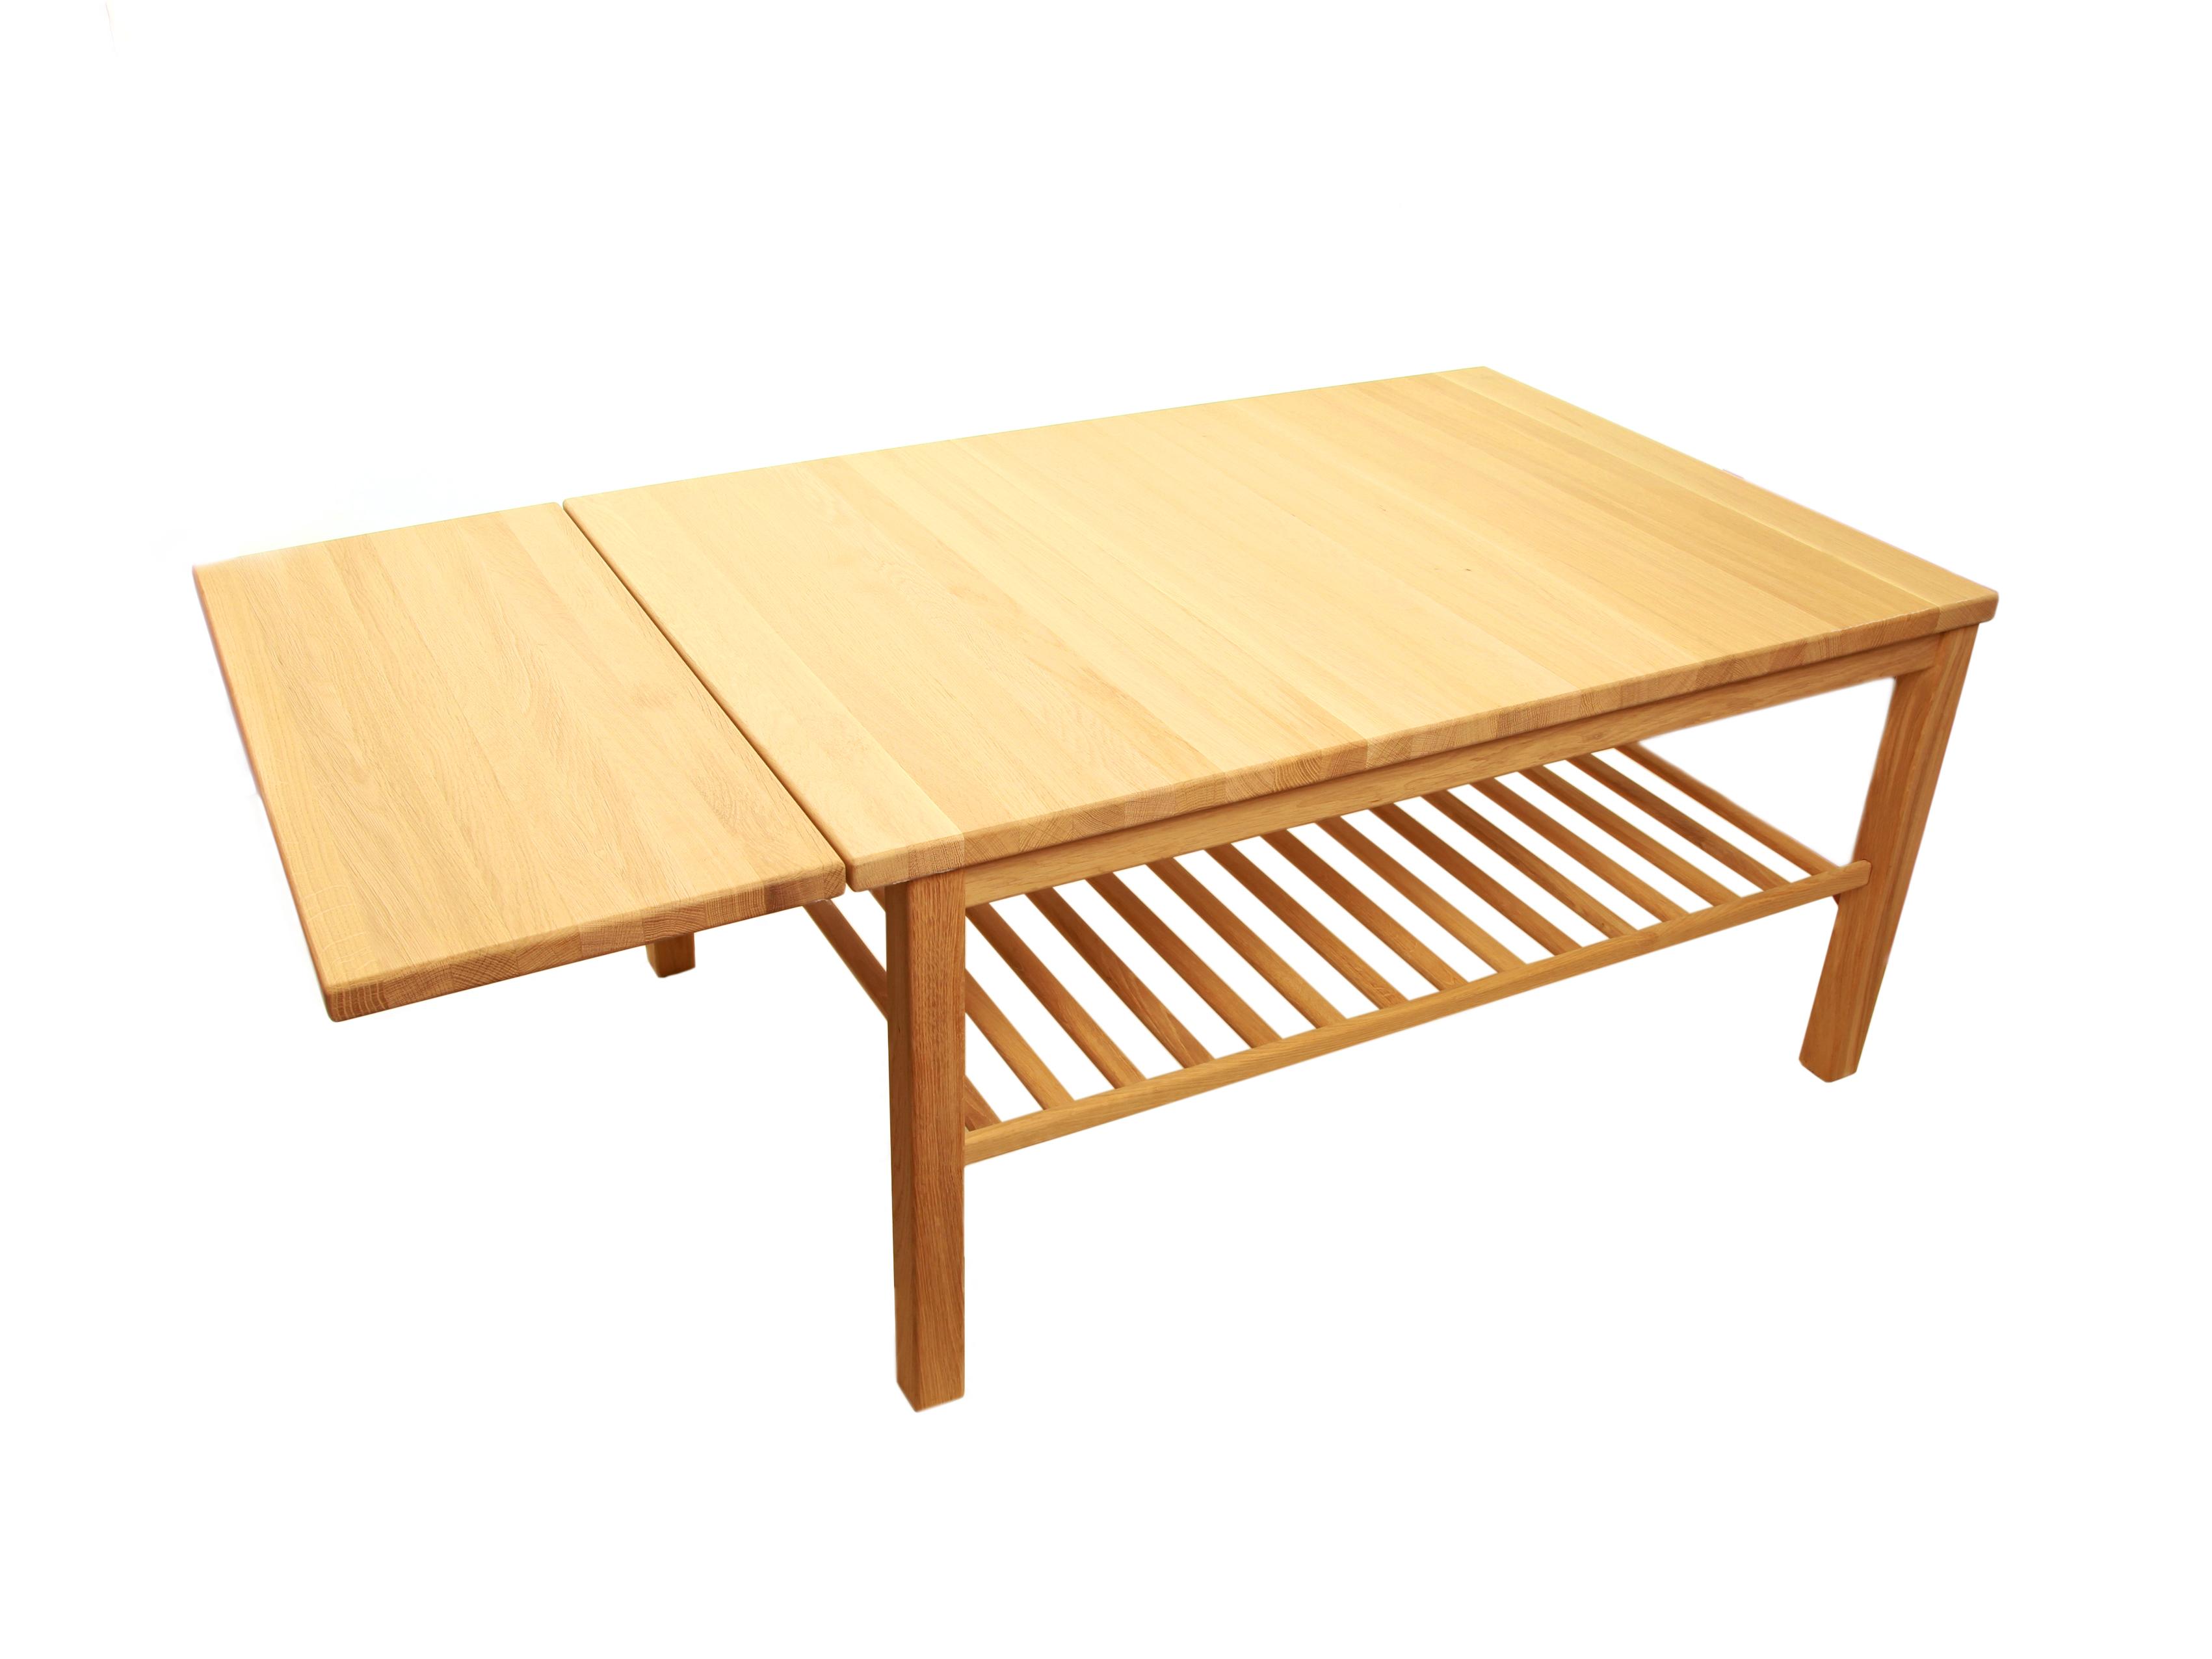 Moderne ND Sofabord Med hylde og Klap - Danbo Møbler JZ-24